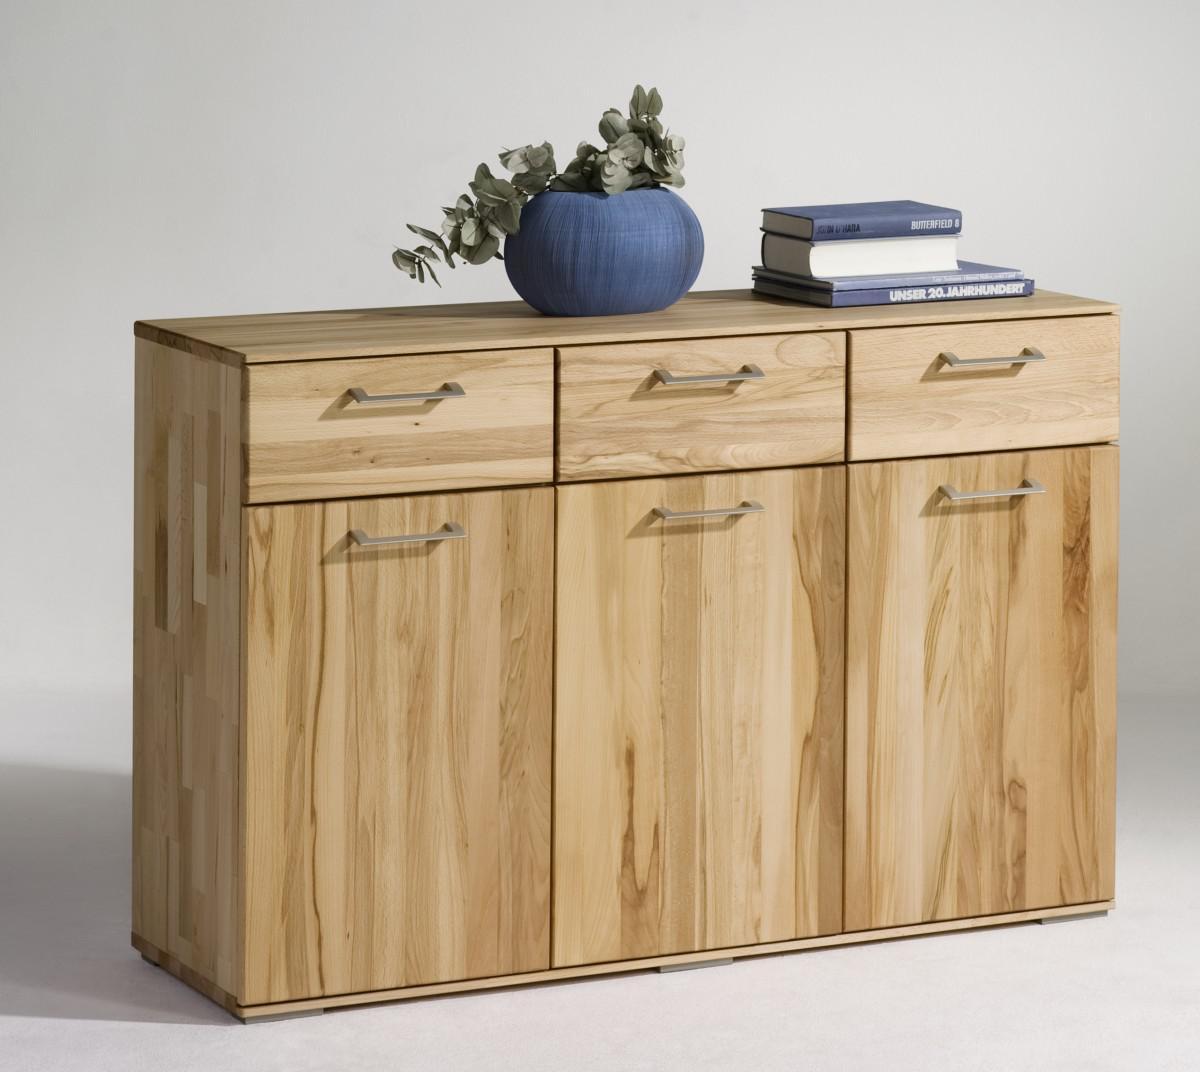 sideboard anrichte kommode t rd mpfer soft close kernbuche massiv ge lt kaufen bei saku system. Black Bedroom Furniture Sets. Home Design Ideas